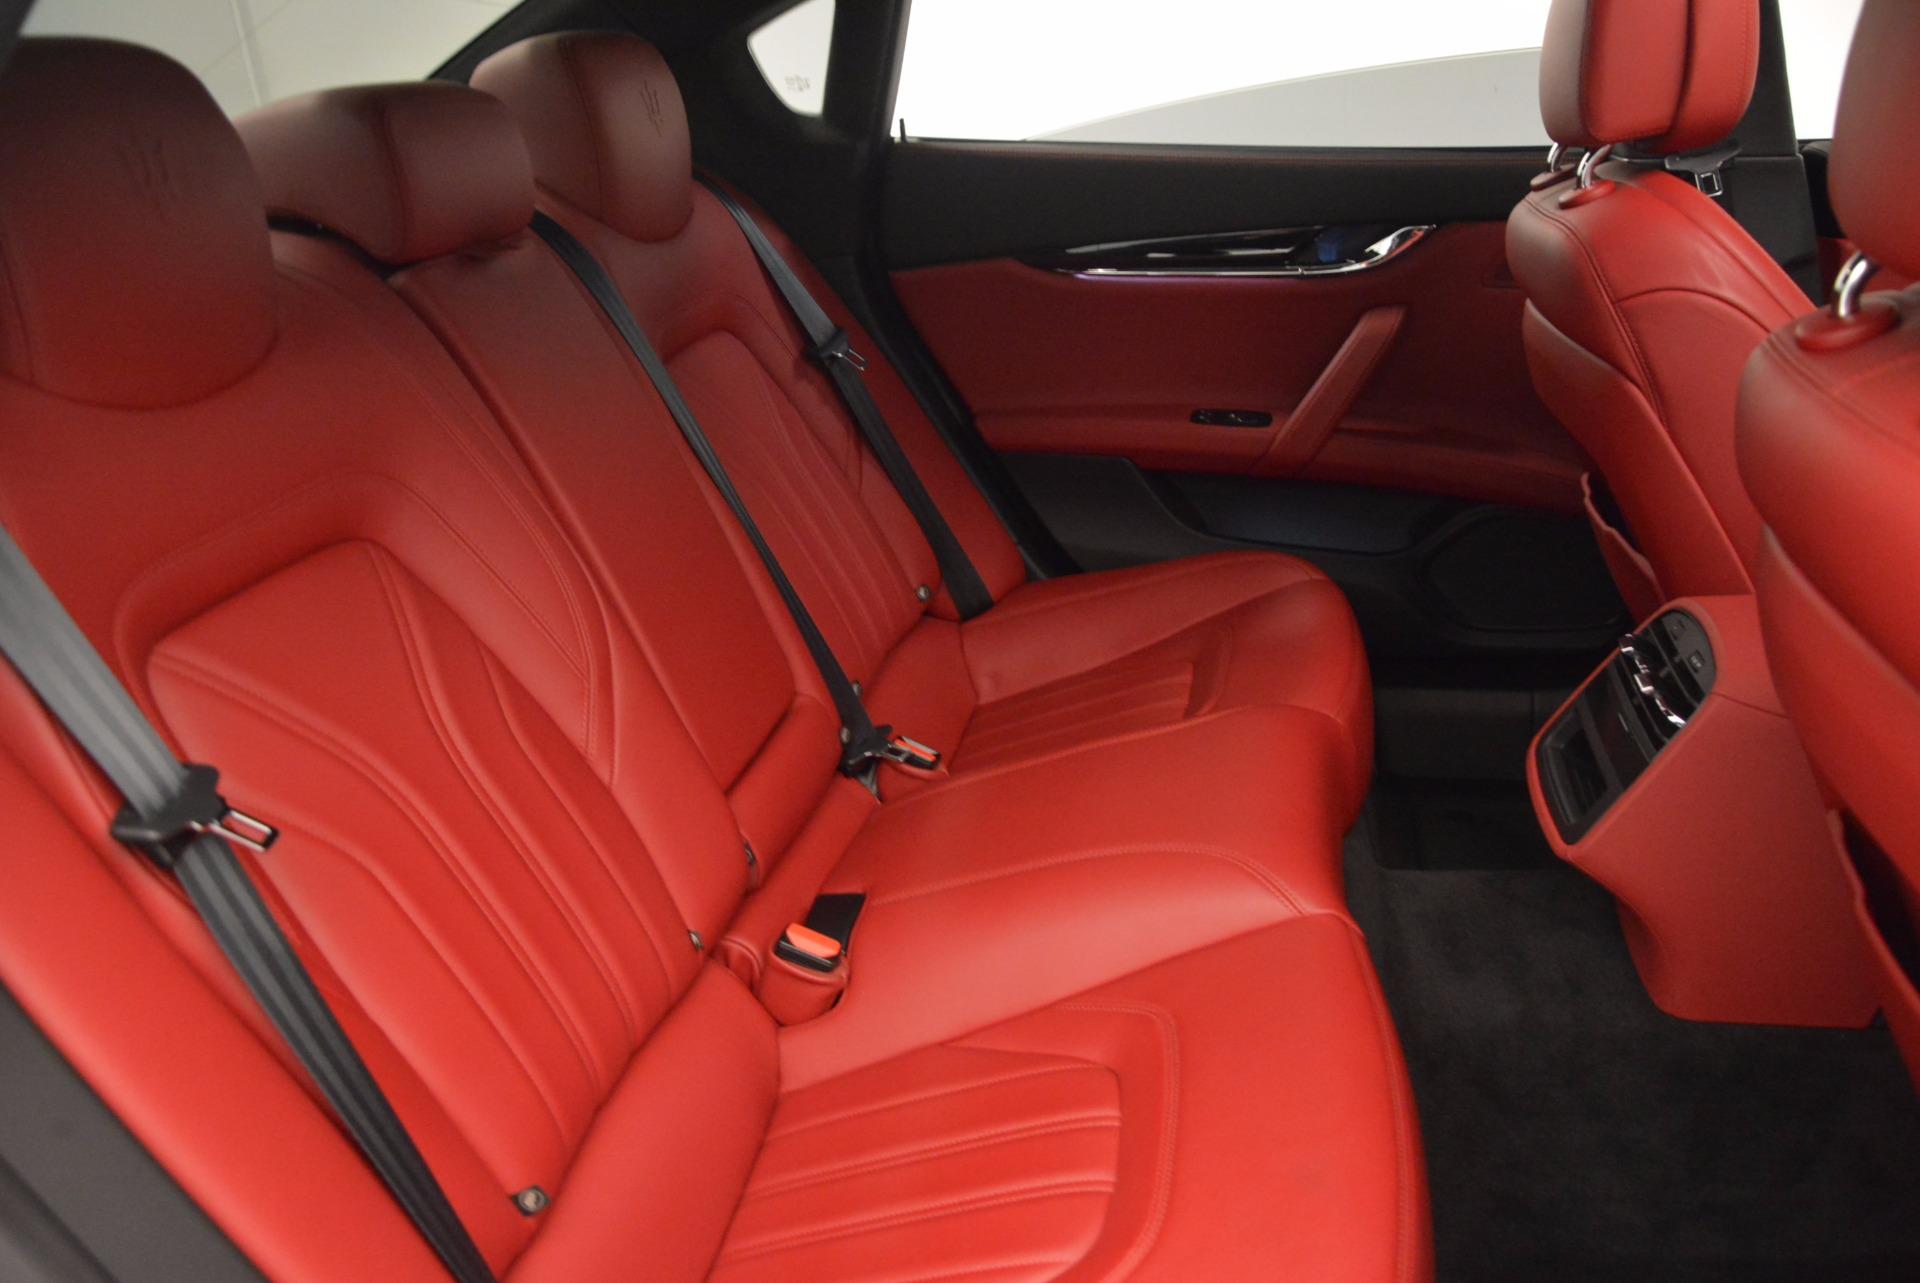 Used 2015 Maserati Quattroporte S Q4 For Sale In Greenwich, CT 809_p24